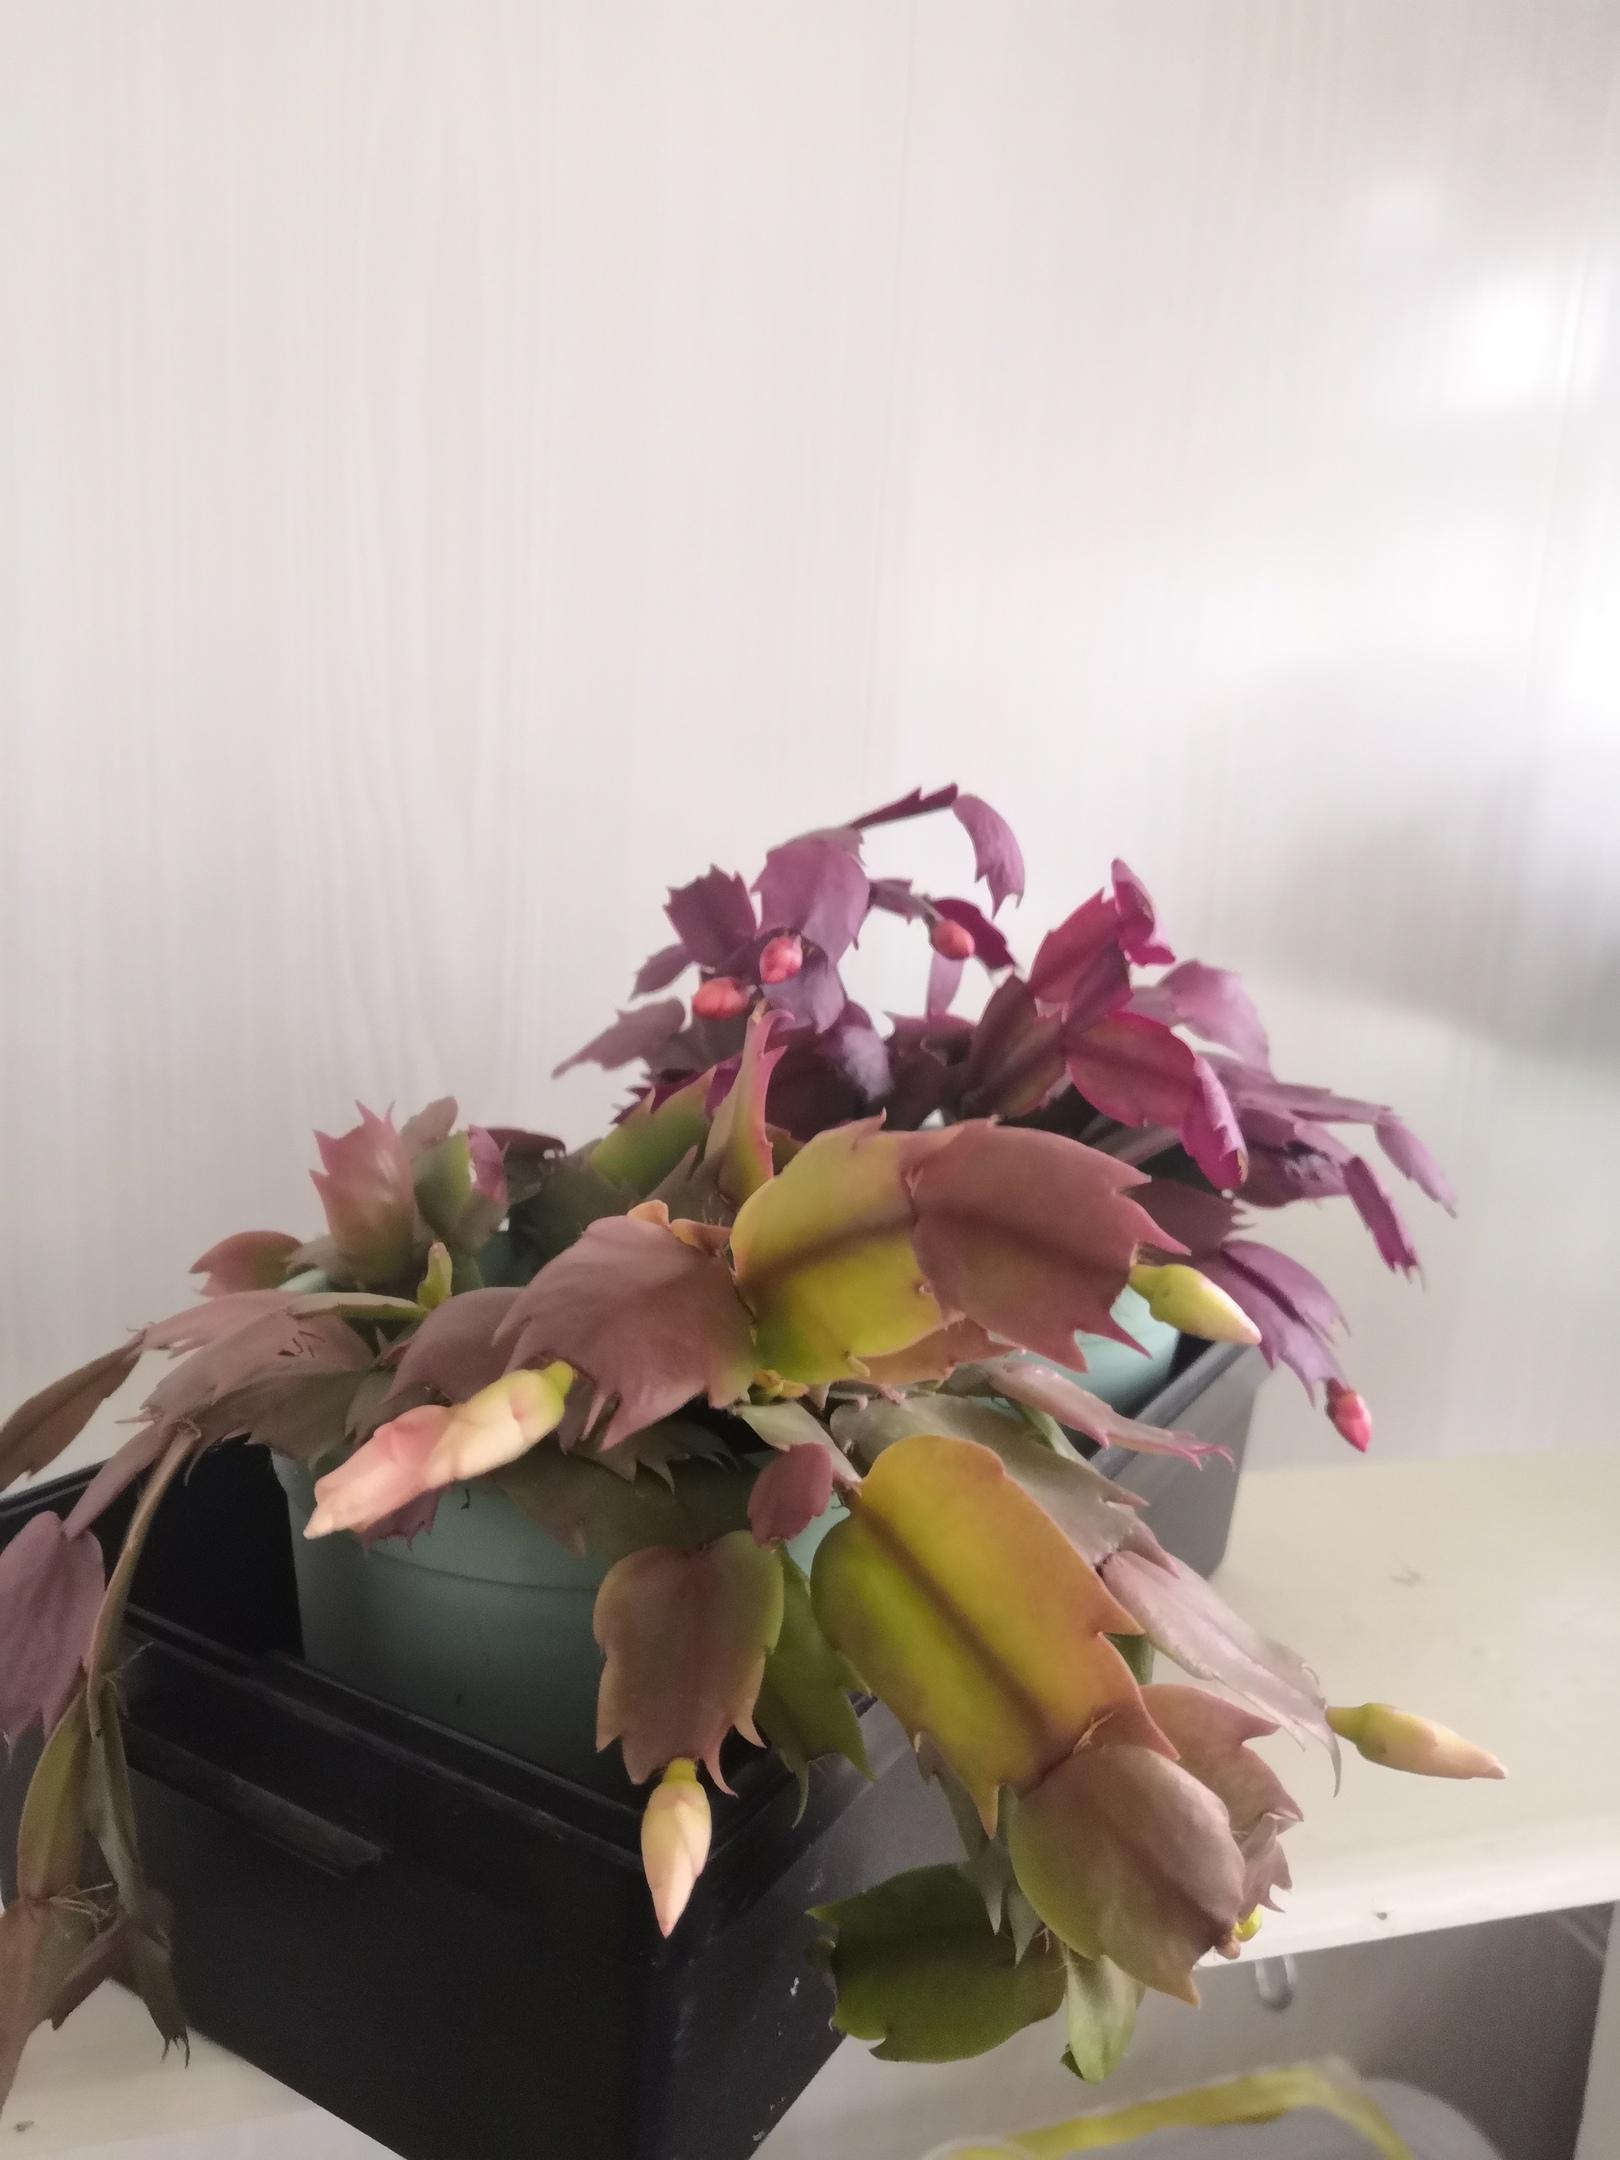 """Лесные кактусы """"Декабристы"""" (Шлюмбергеры, Рипсалидопсисы, Эпифиллумы) - Страница 7 YSaFOtJ62gQ"""